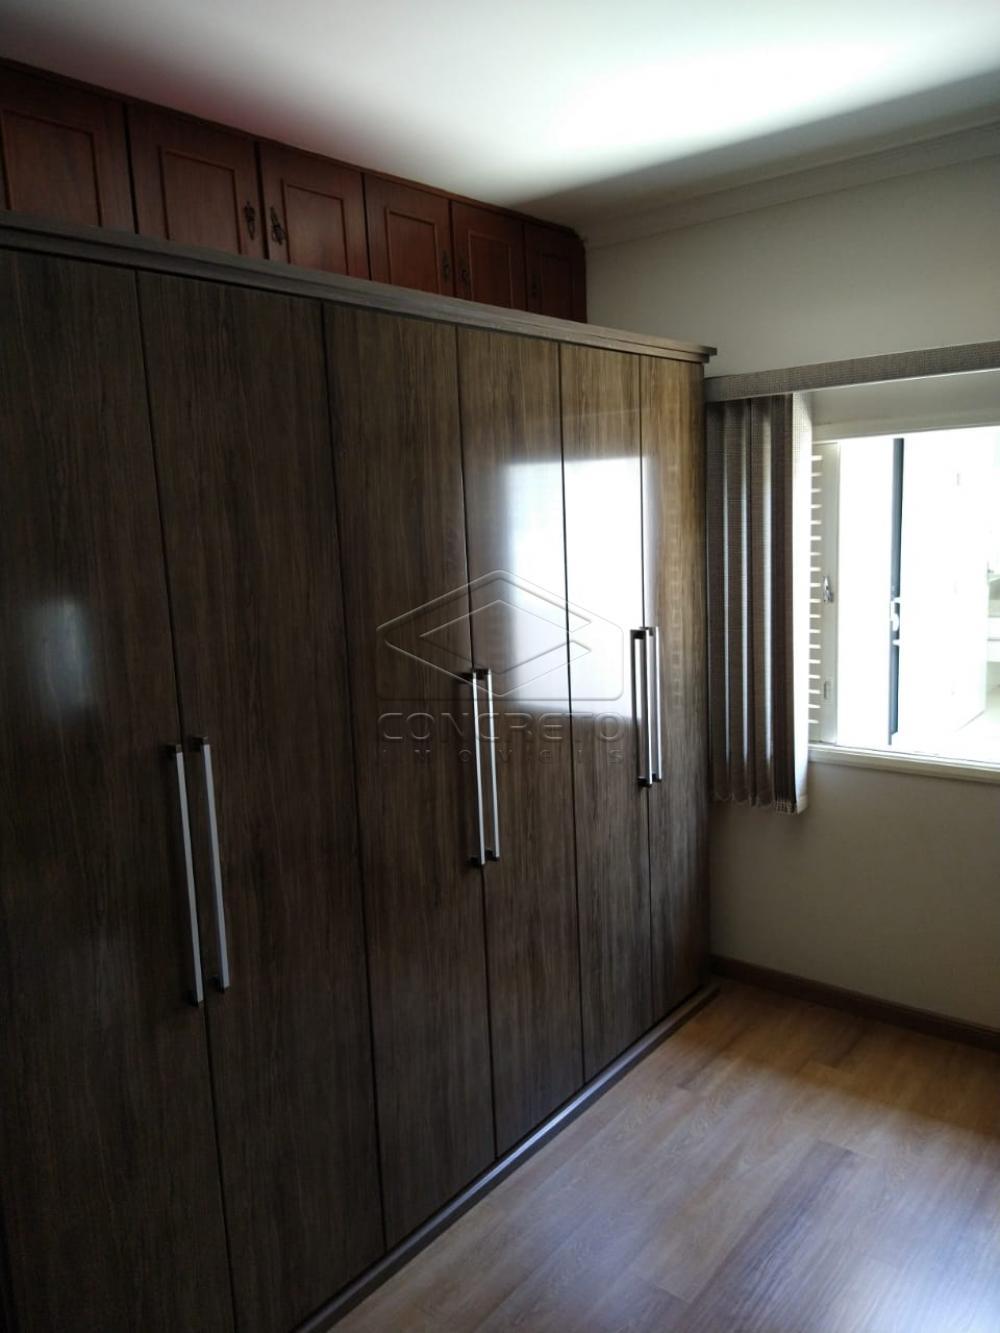 Alugar Casa / Residencia em Lençóis Paulista apenas R$ 4.000,00 - Foto 15